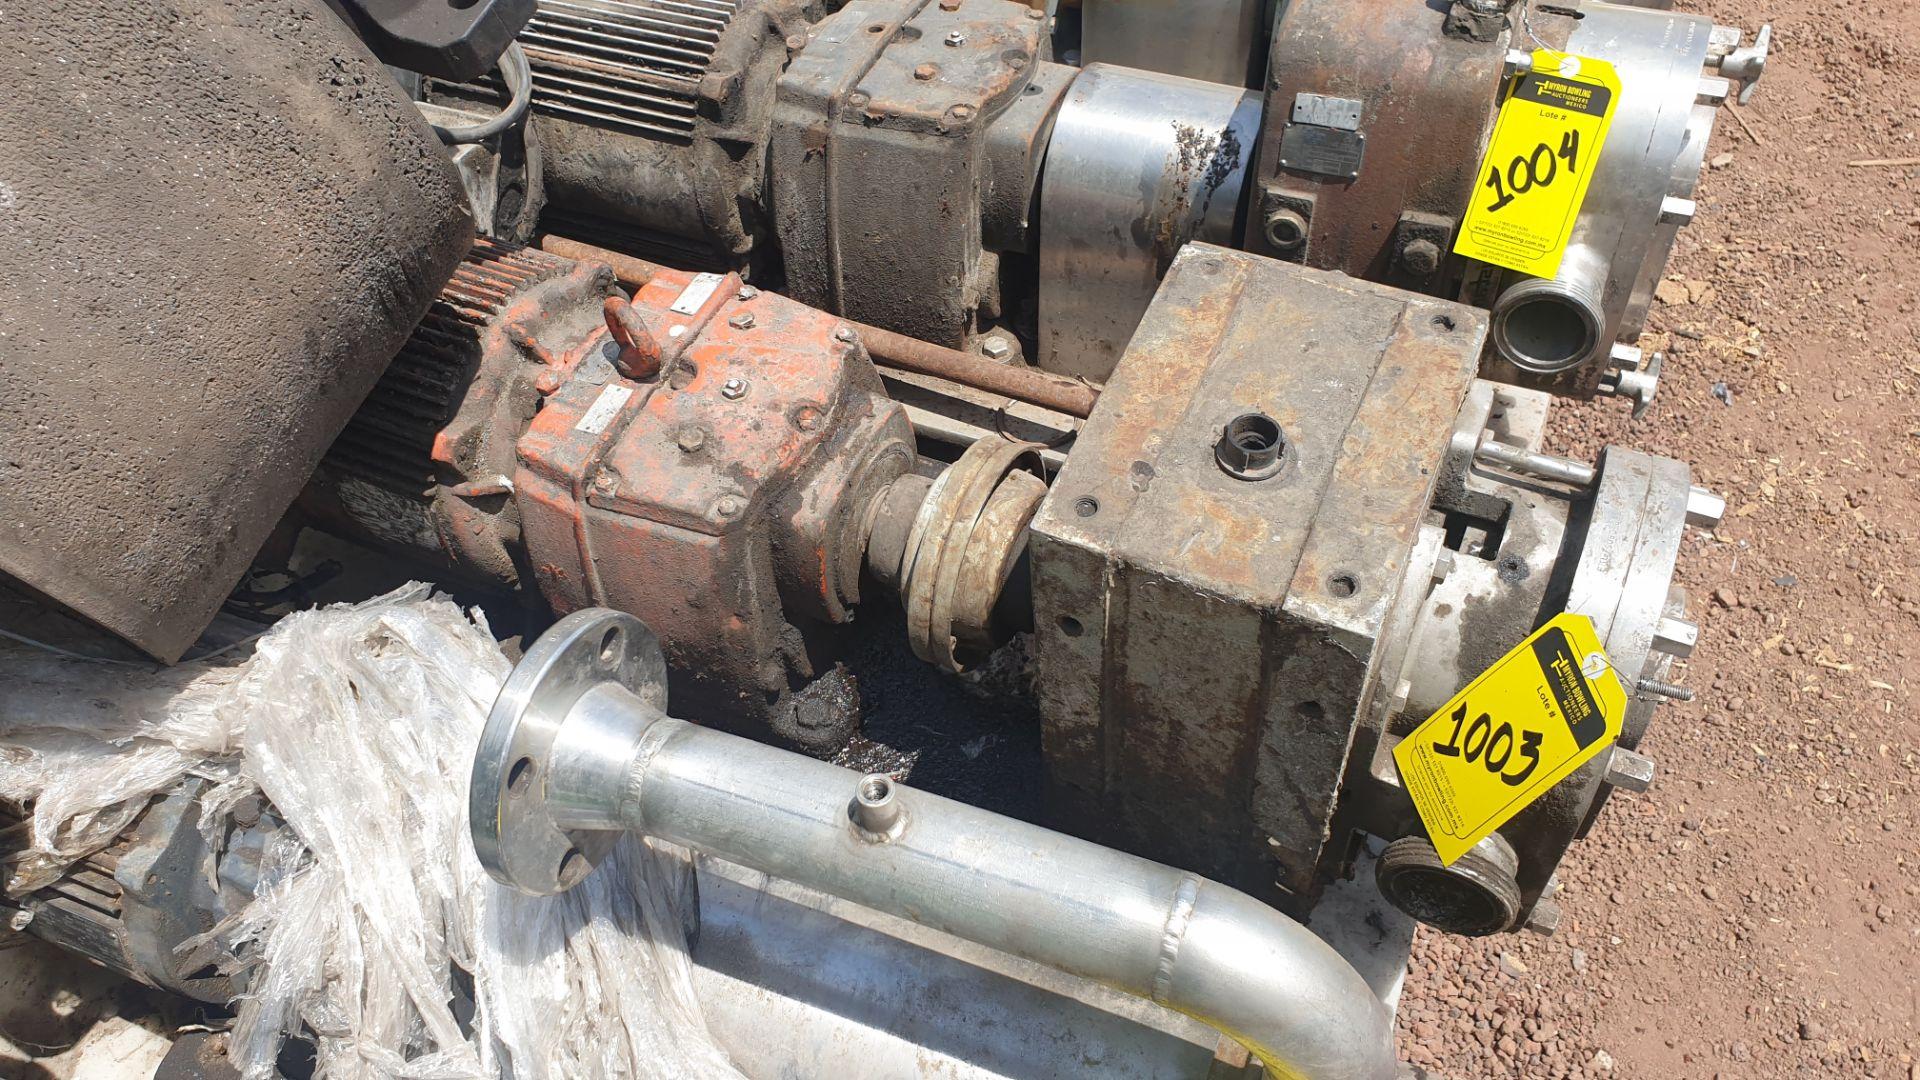 Fristam Lobe pump, includes emerson motor capacity 15HP 230v -460v - Image 4 of 6